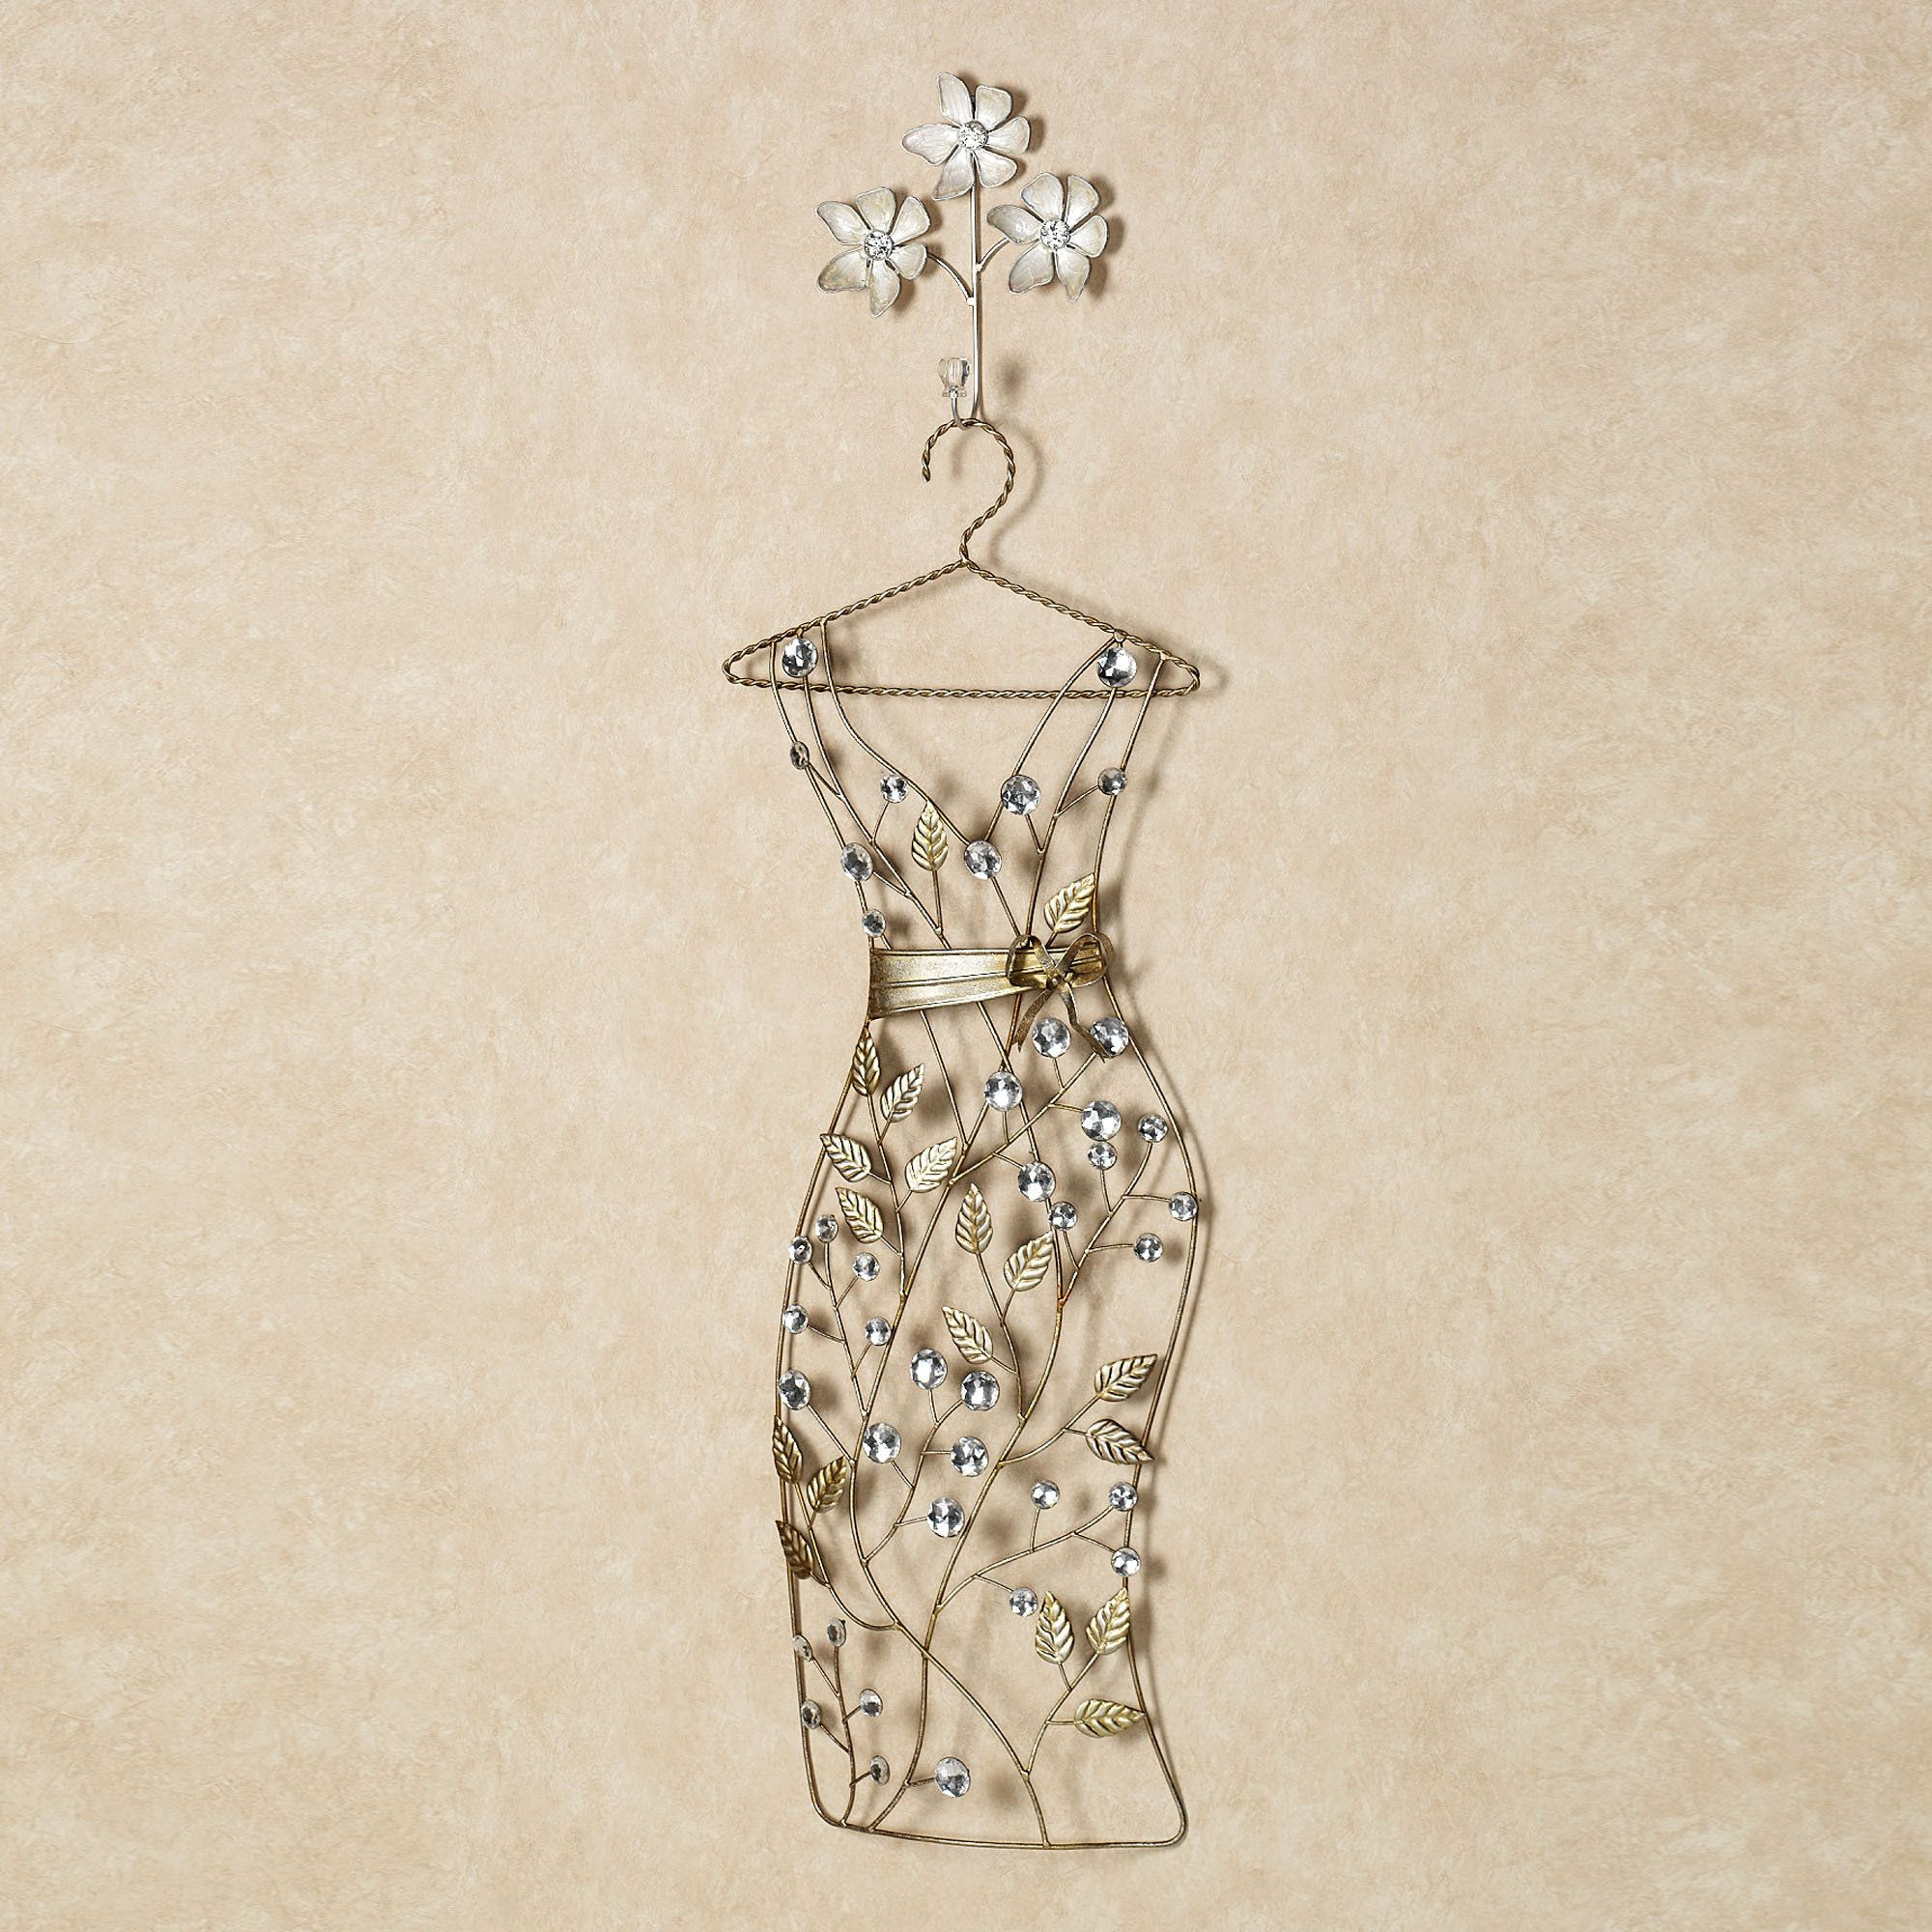 Metal Dress Form Coat Rack - Vintage Room Decor - Pinterest ...